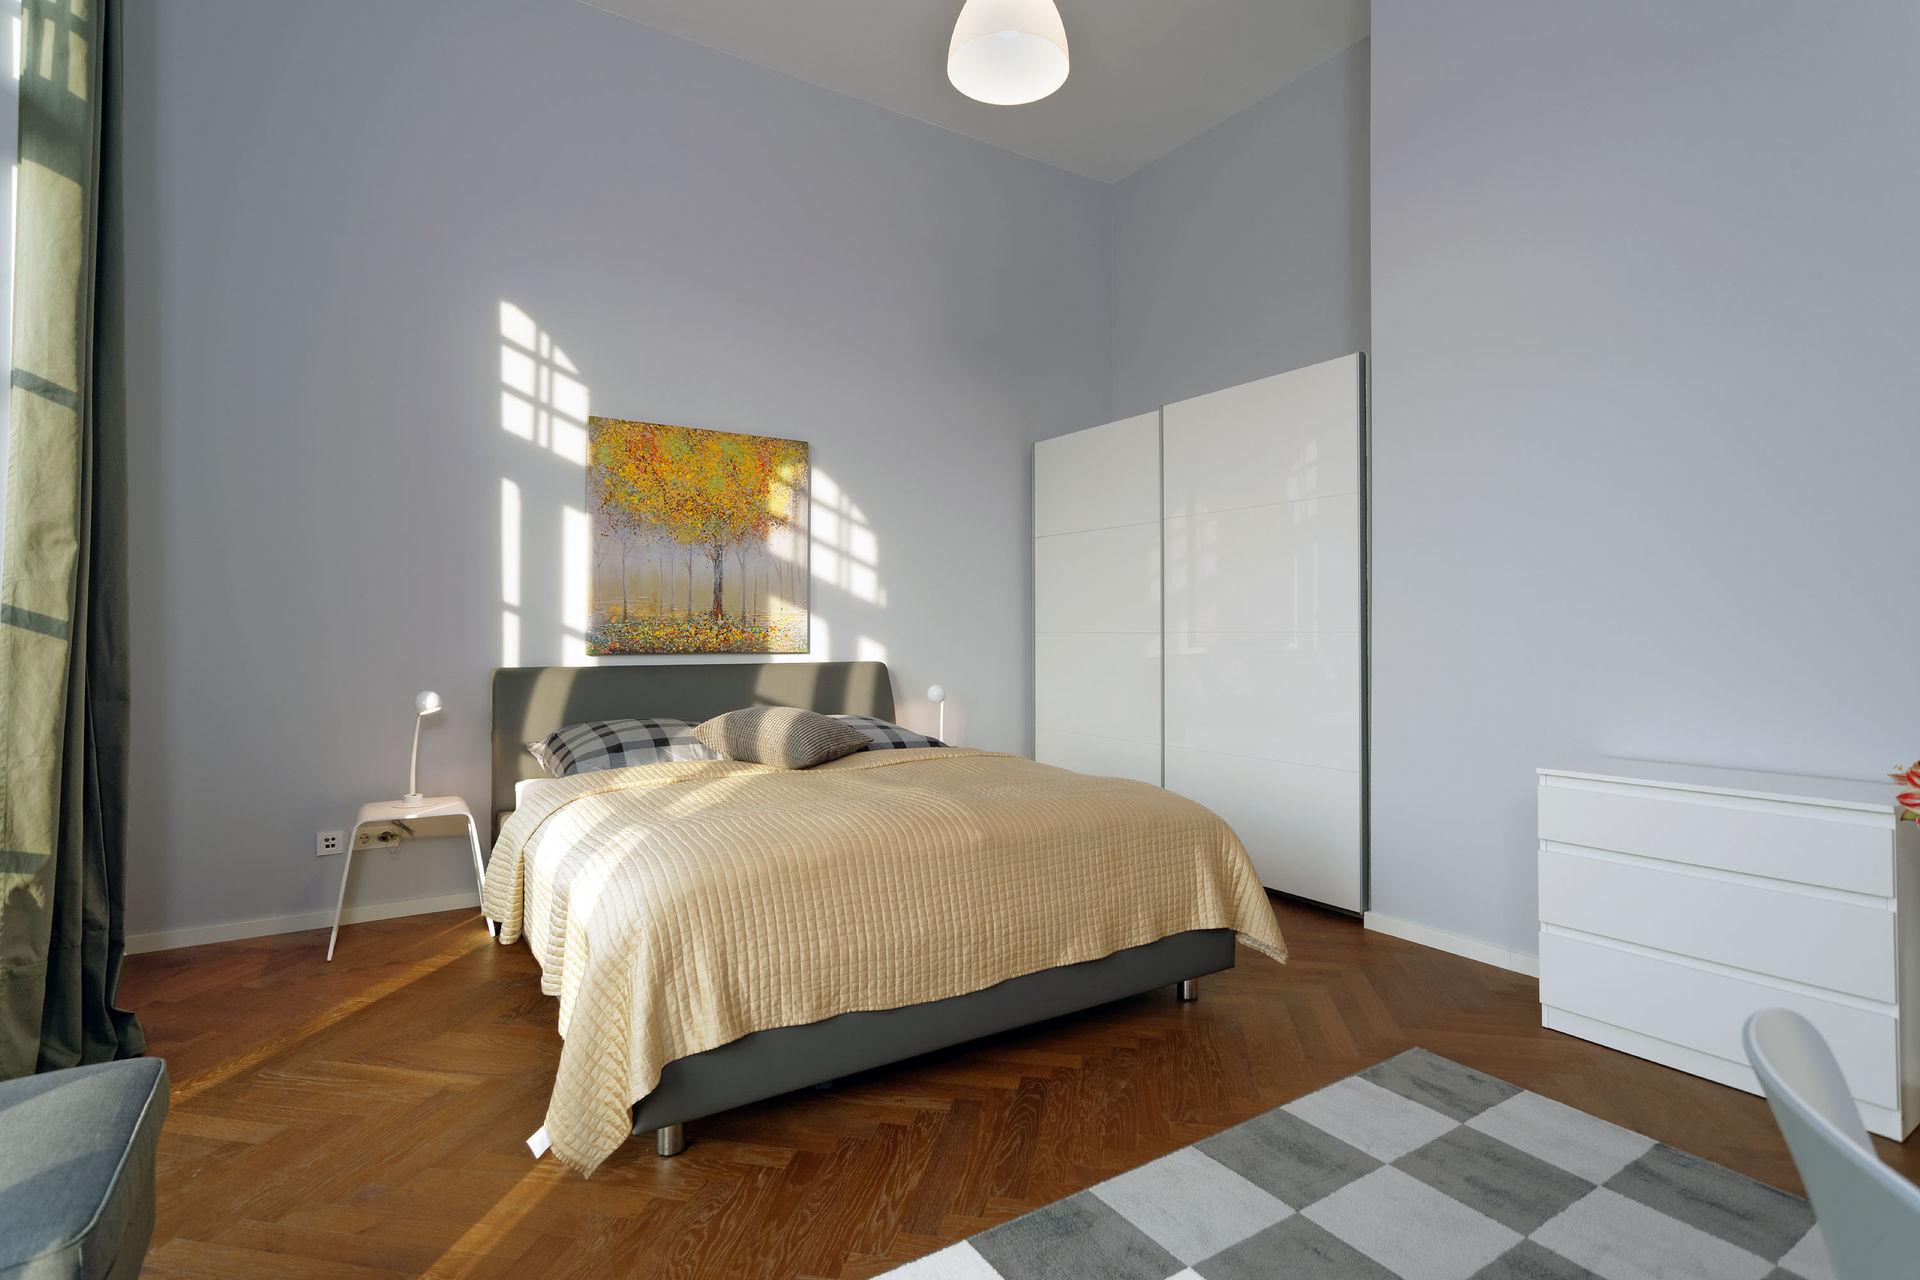 Mblierte Wohnung nahe Schloss Charlottenburg